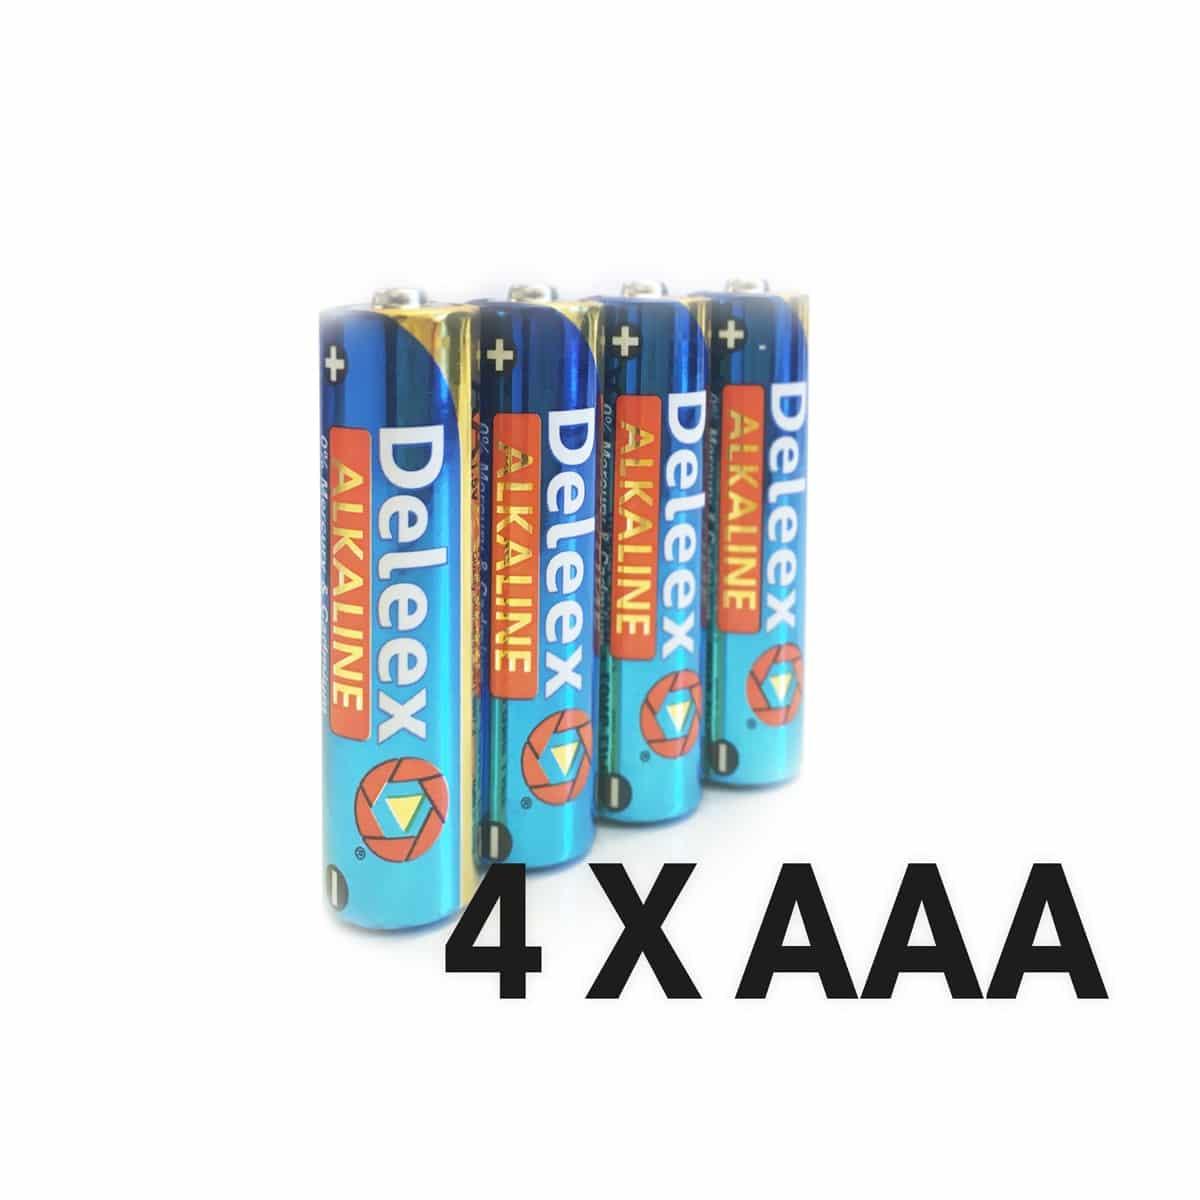 AAA Alkaline Batterier 4 stk.